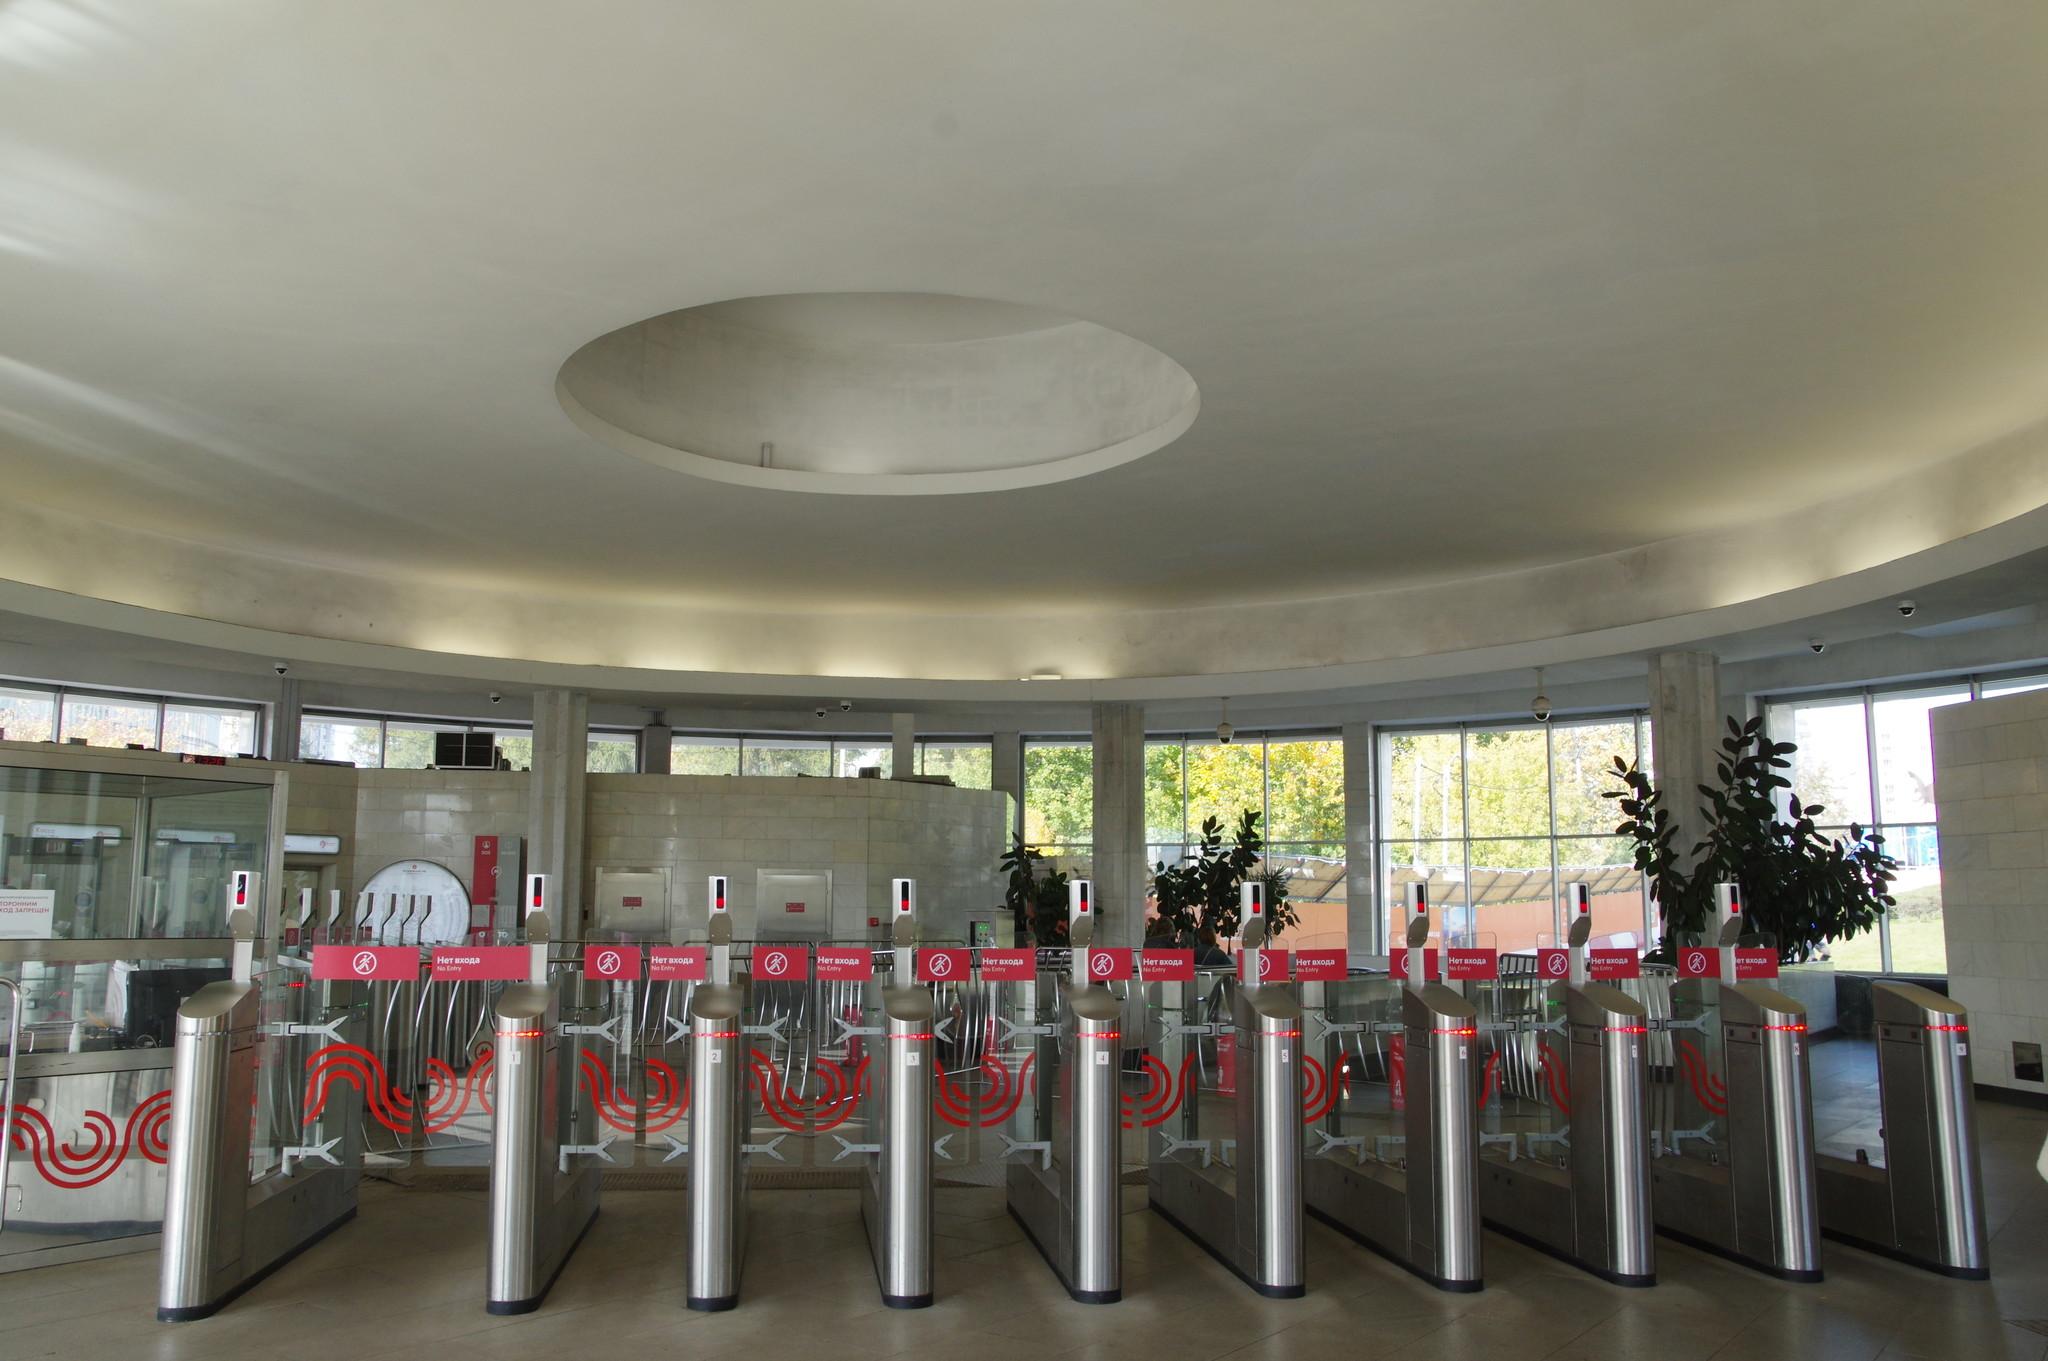 Внутри южного вестибюля, турникеты на выход. Станция «Ботанический сад» Калужско-Рижской линии Московского метрополитена